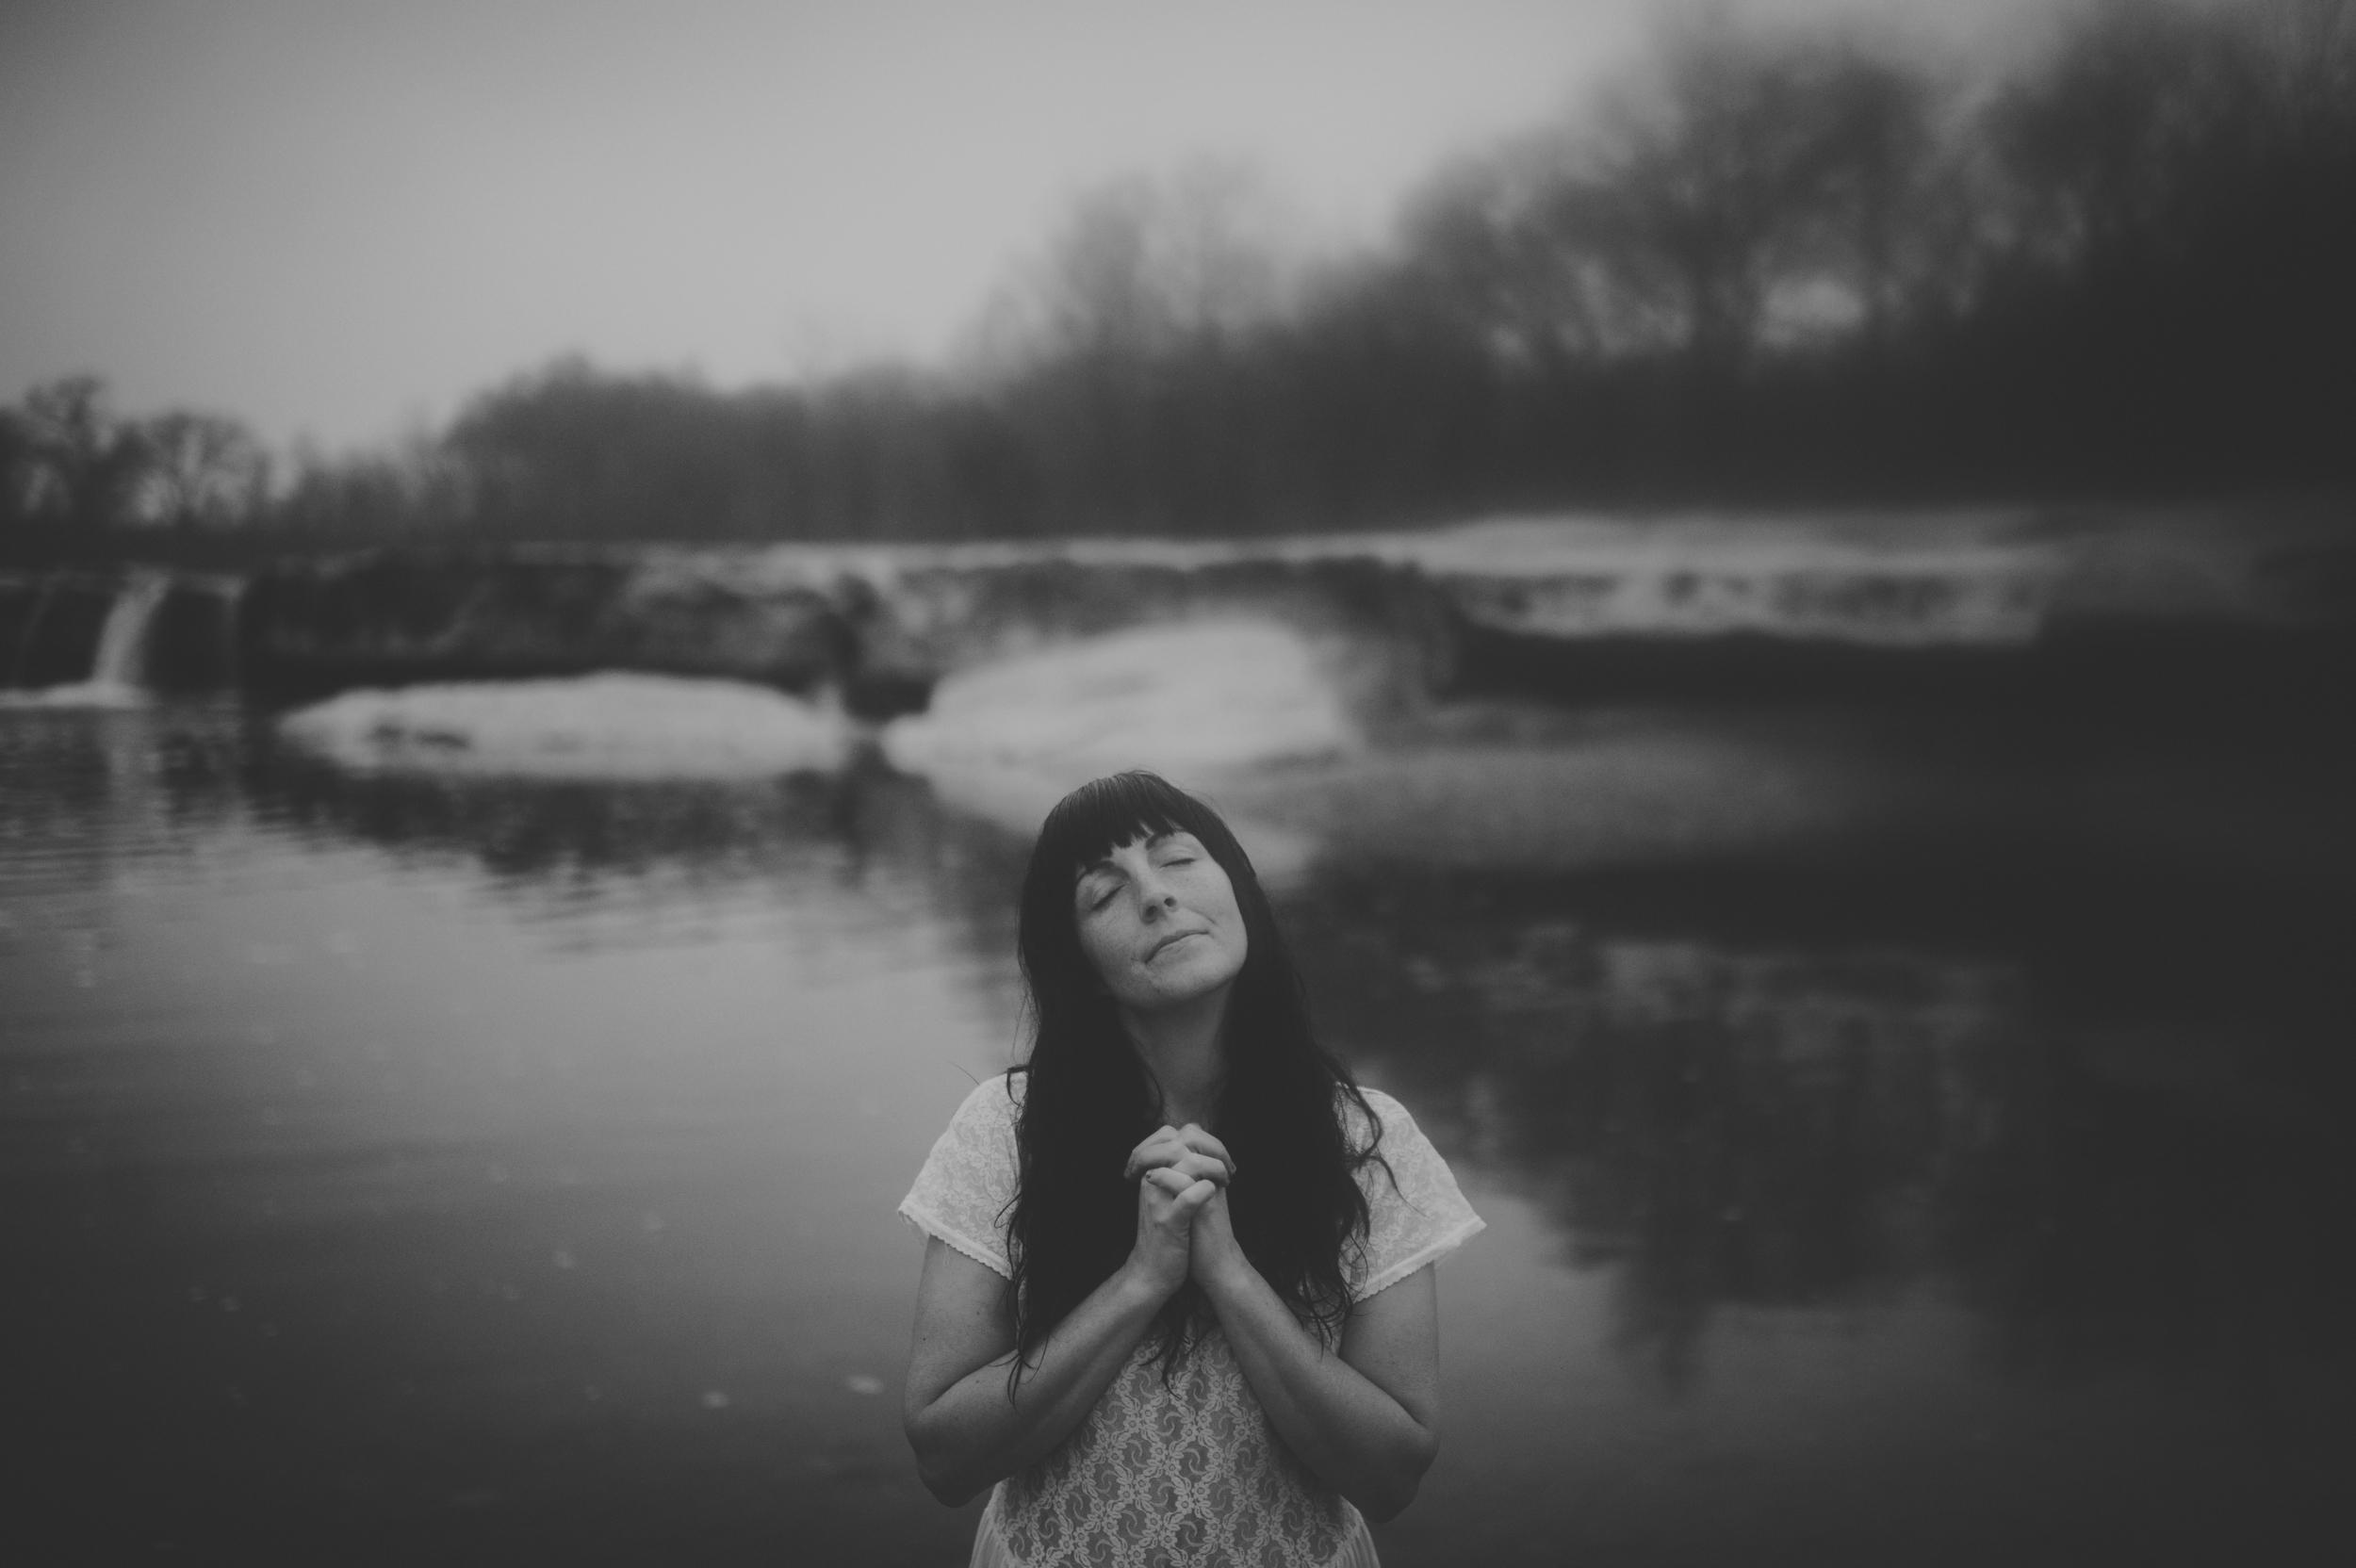 river-story-joy-gardella163.JPG